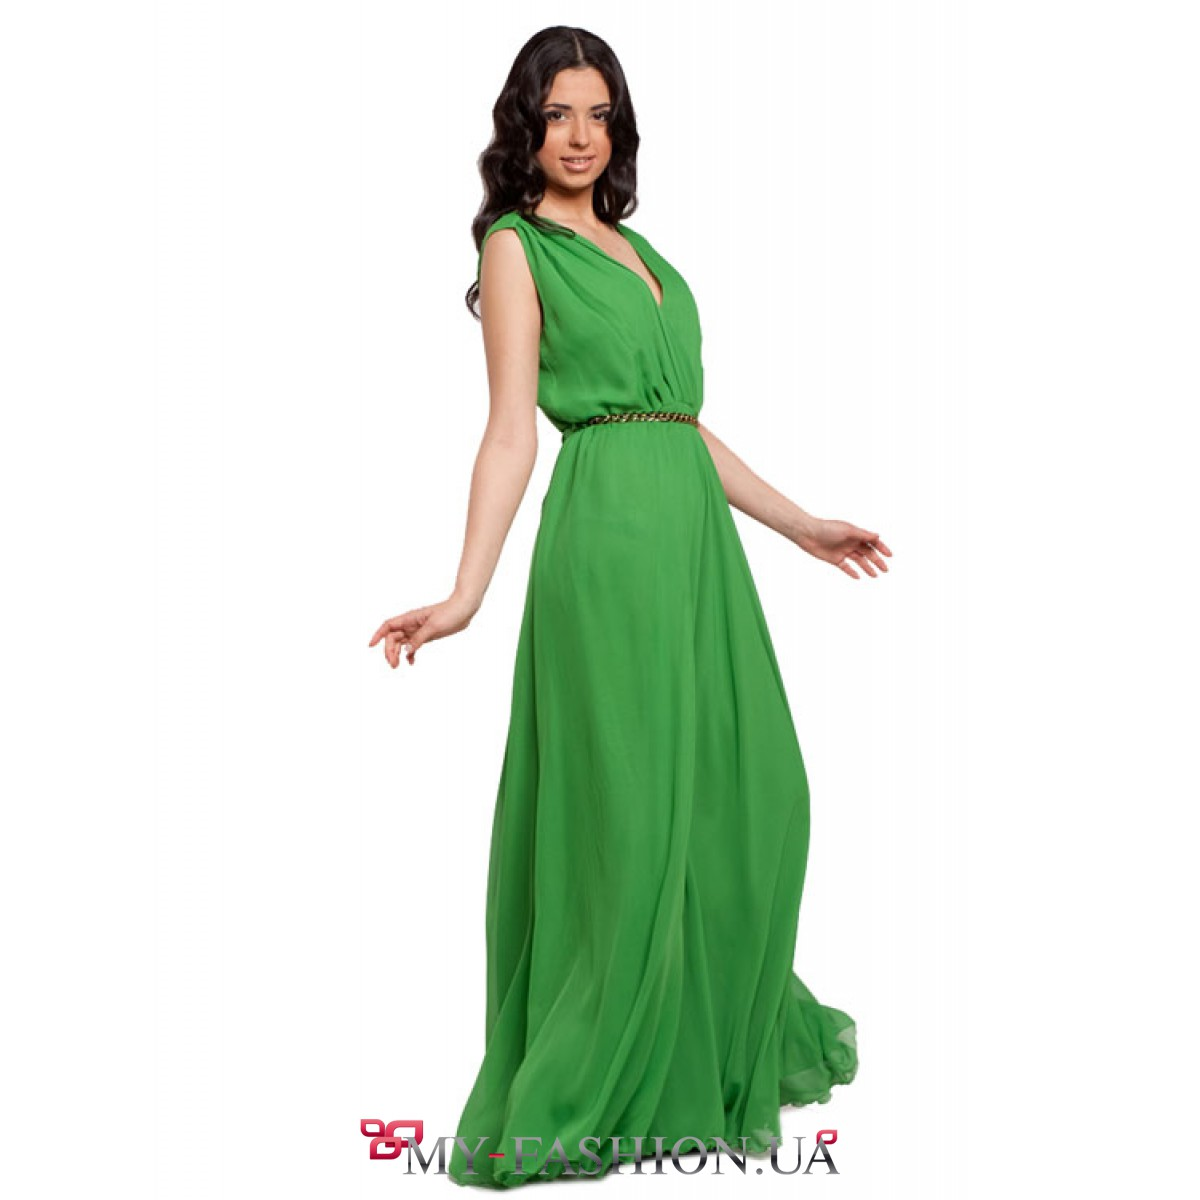 Женская одежда боди с доставкой